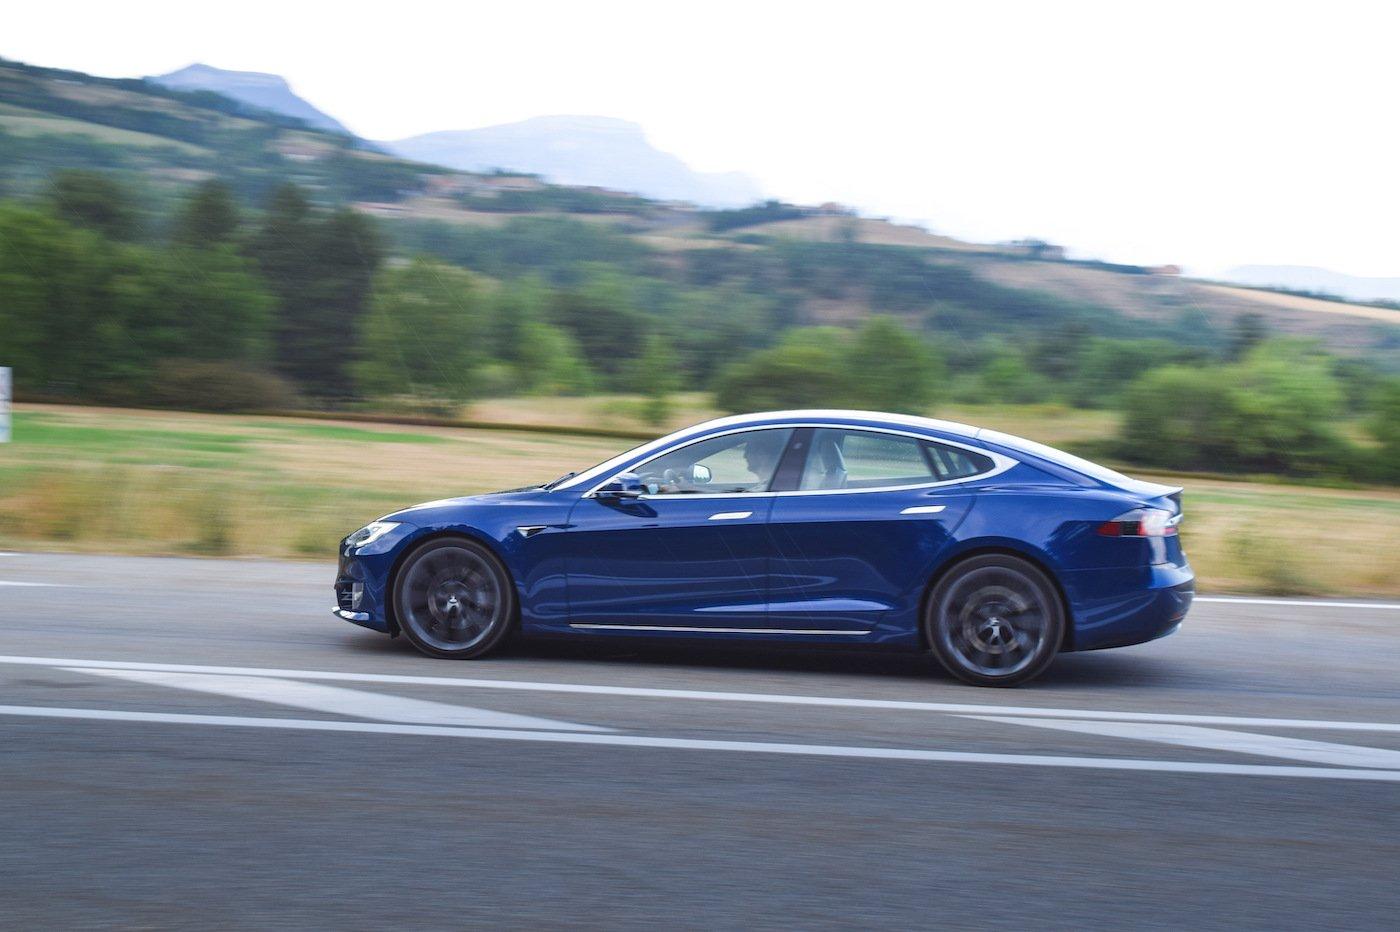 Model S Tesla essai 2020